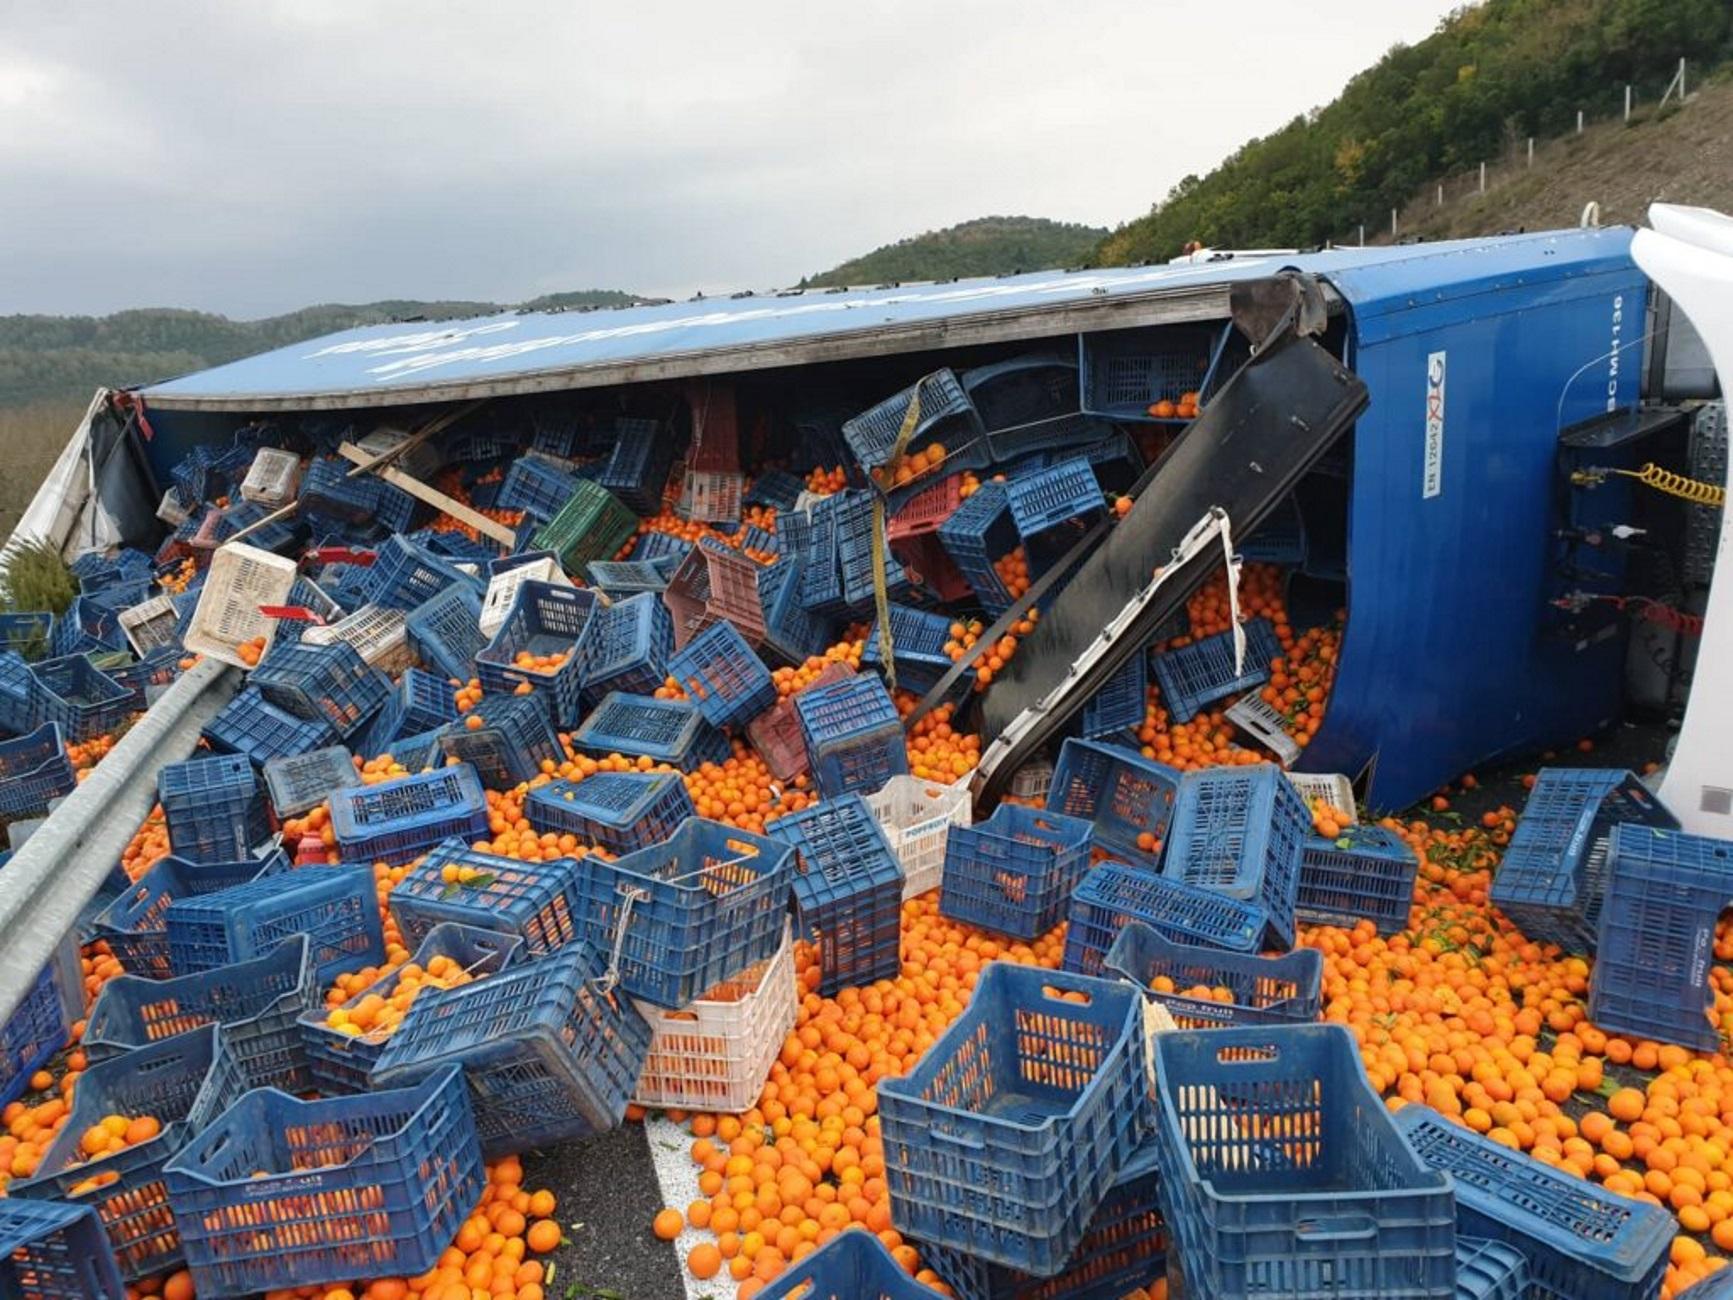 Εθνική Οδός: Ανατροπή νταλίκας με πορτοκάλια! Έκλεισε η Σπάρτης – Τρίπολης για πάνω από 4 ώρες [pics]